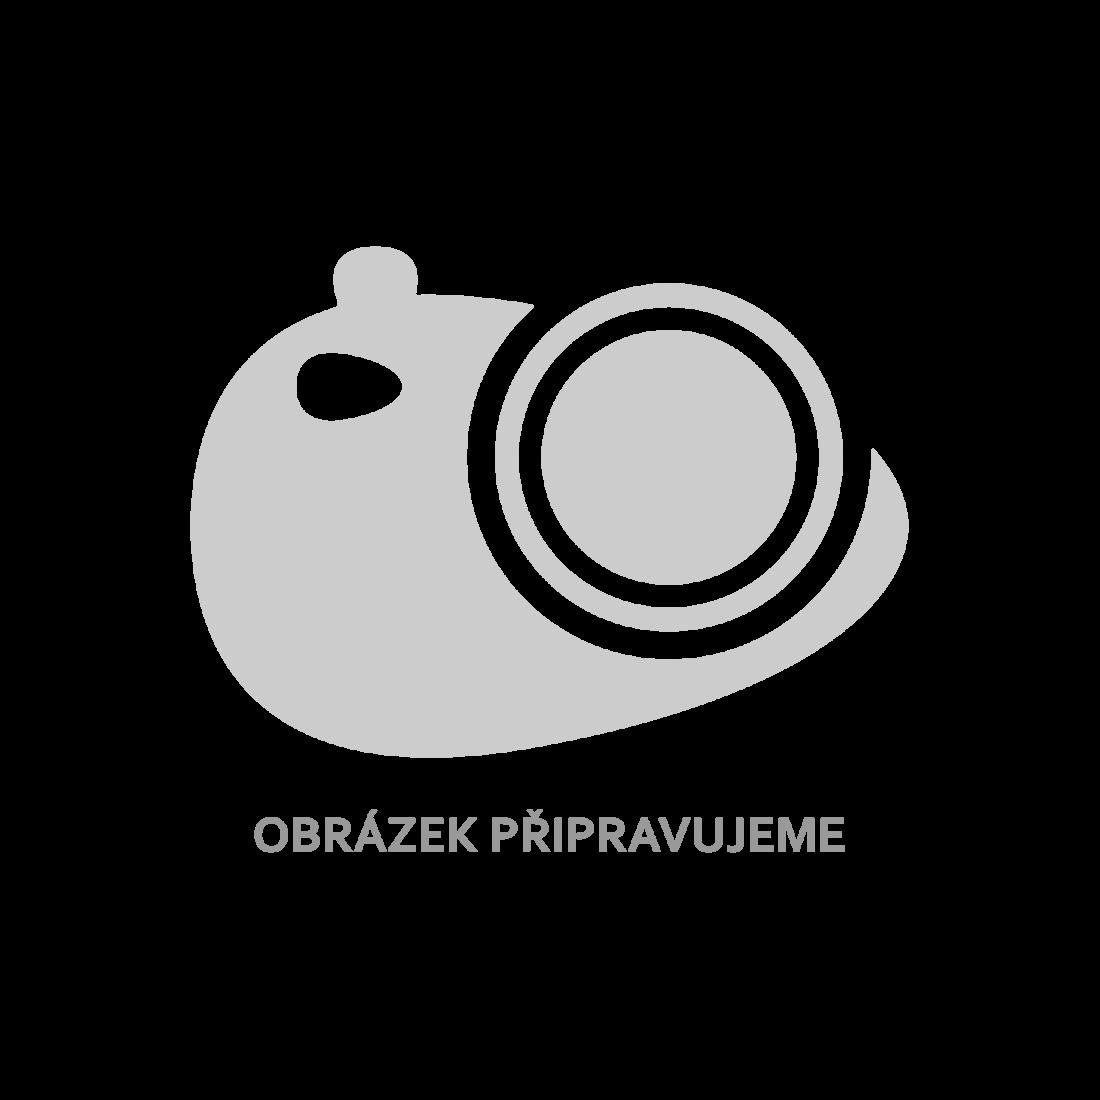 vidaXL Nástěnné police kostka bílé 84,5 x 15 x 27 cm dřevotříska [800270]